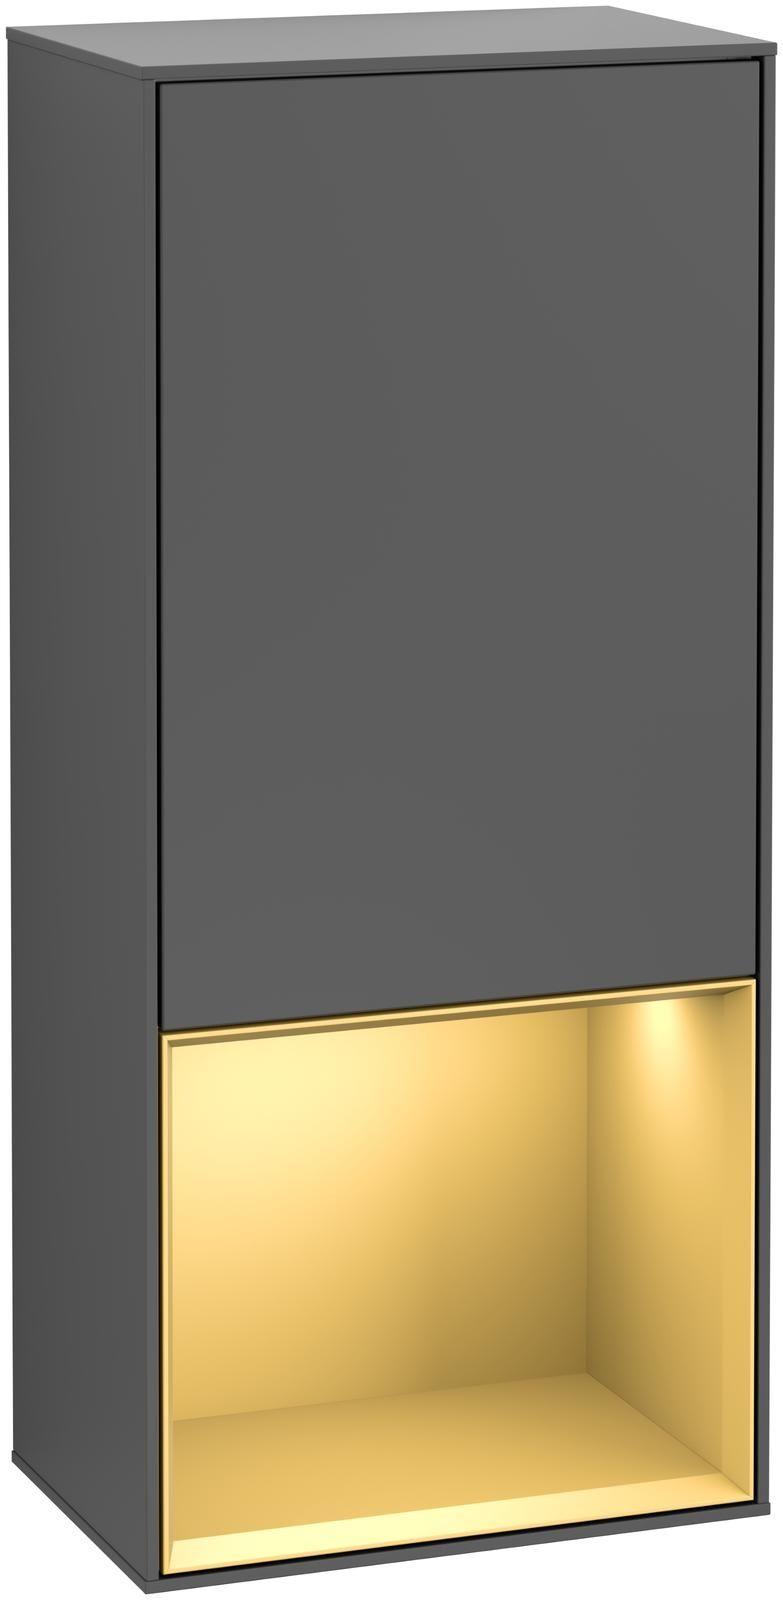 Villeroy & Boch Finion G55 Seitenschrank mit Regalelement 1 Tür Anschlag rechts LED-Beleuchtung B:41,8xH:93,6xT:27cm Front, Korpus: Anthracite Matt, Regal: Gold Matt G550HFGK